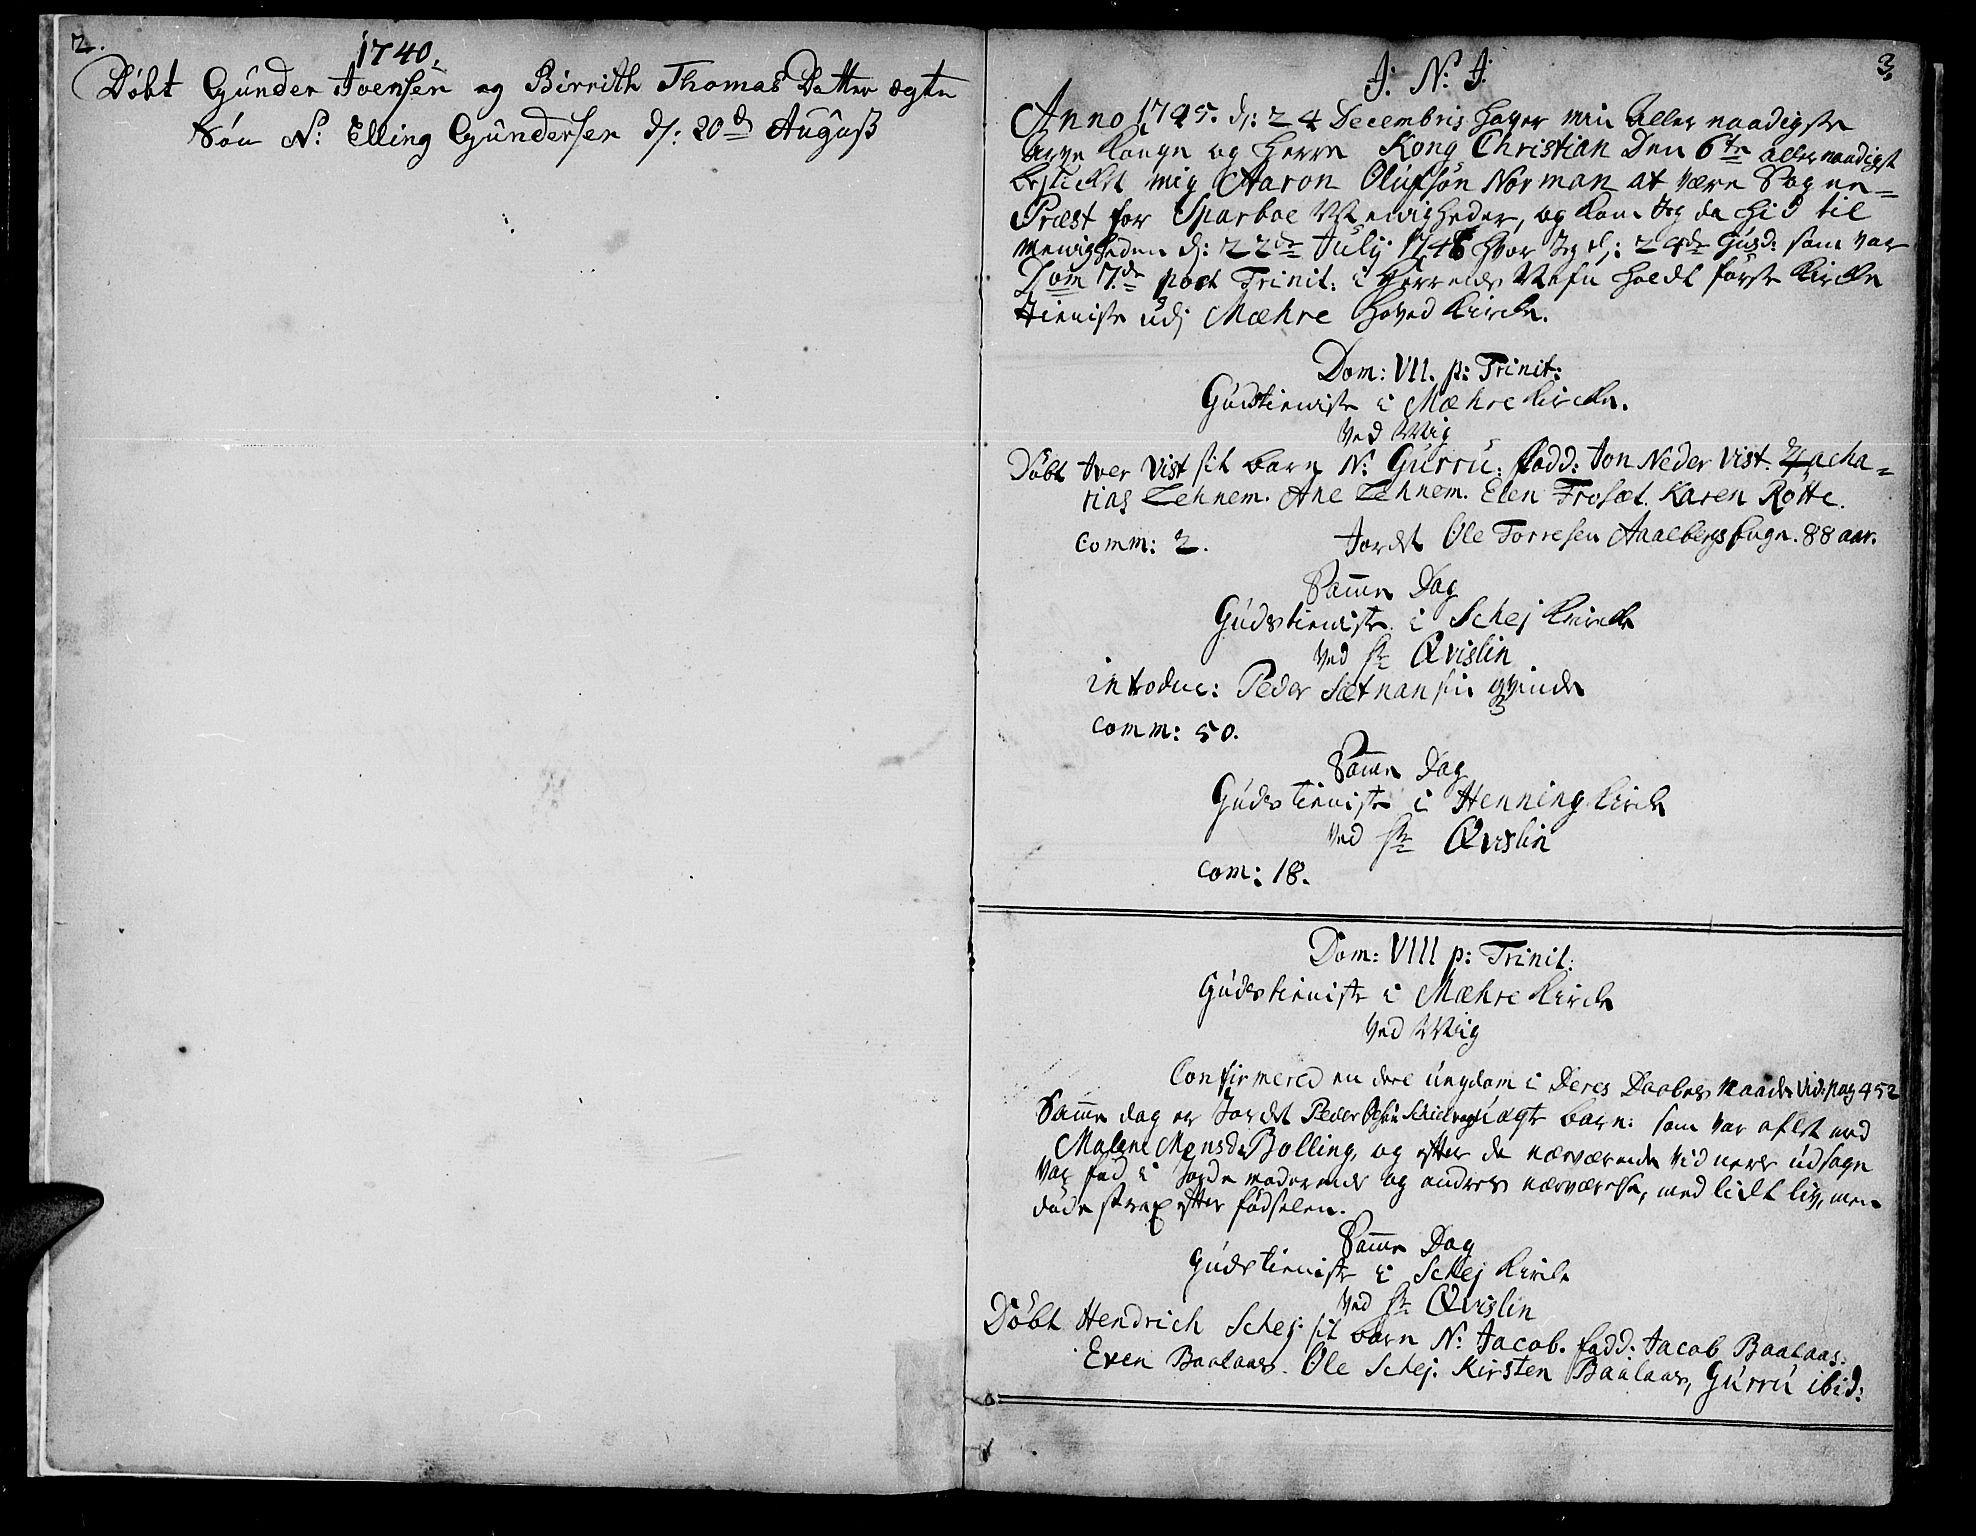 SAT, Ministerialprotokoller, klokkerbøker og fødselsregistre - Nord-Trøndelag, 735/L0330: Ministerialbok nr. 735A01, 1740-1766, s. 2-3